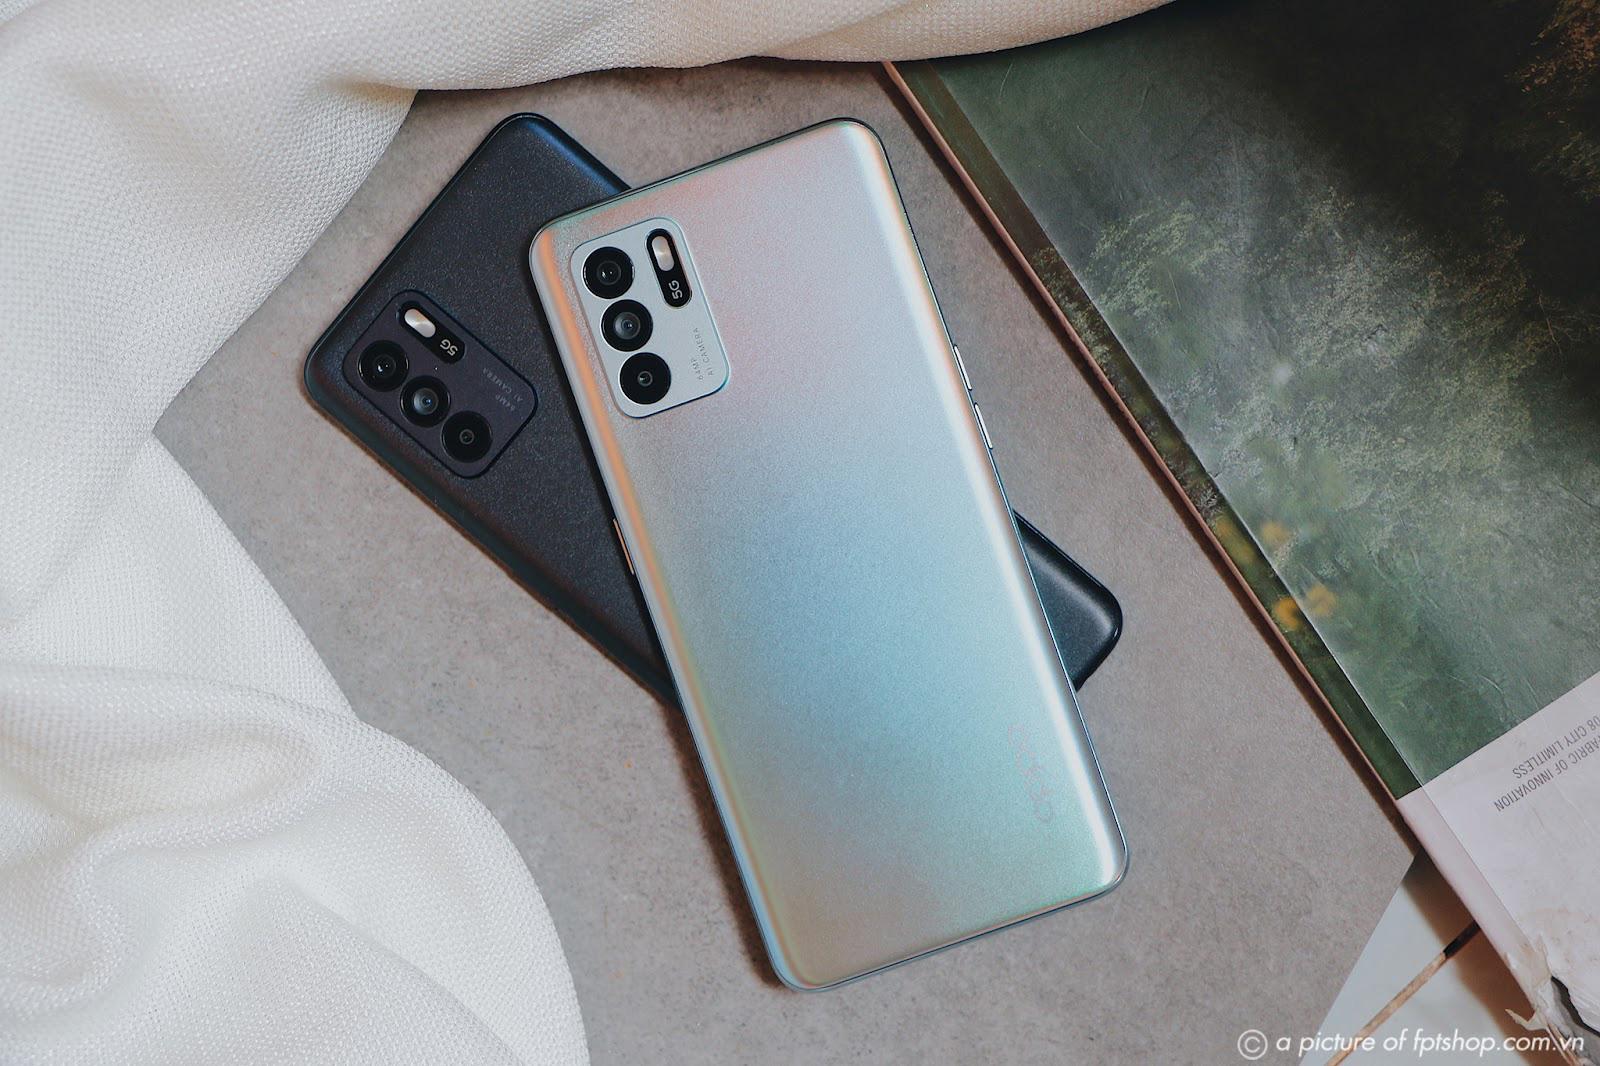 Cùng FPT Shop khám phá chiếc smartphone mà Sơn Tùng M-TP chọn để đón sinh nhật thứ 27 - Ảnh 5.